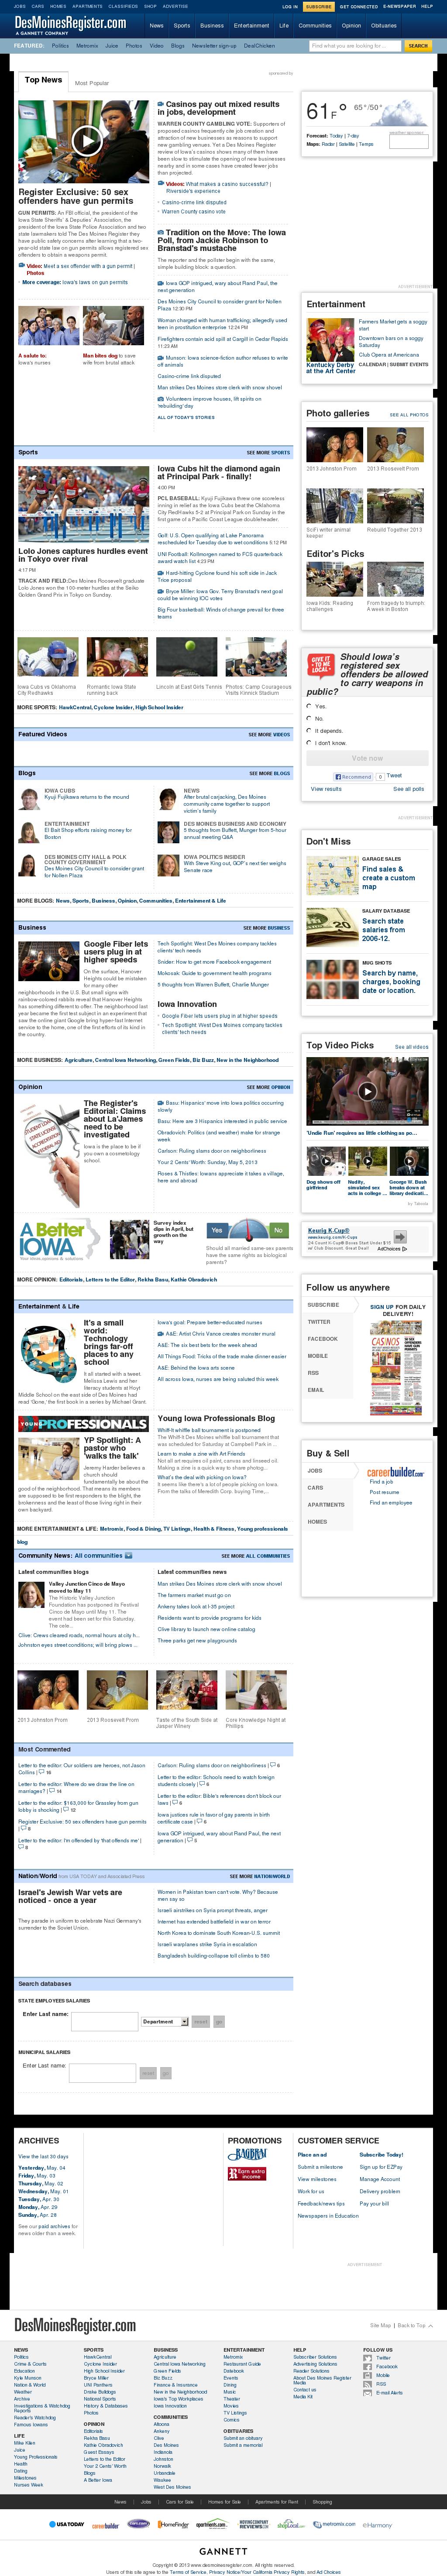 DesMoinesRegister.com at Monday May 6, 2013, 12:05 a.m. UTC